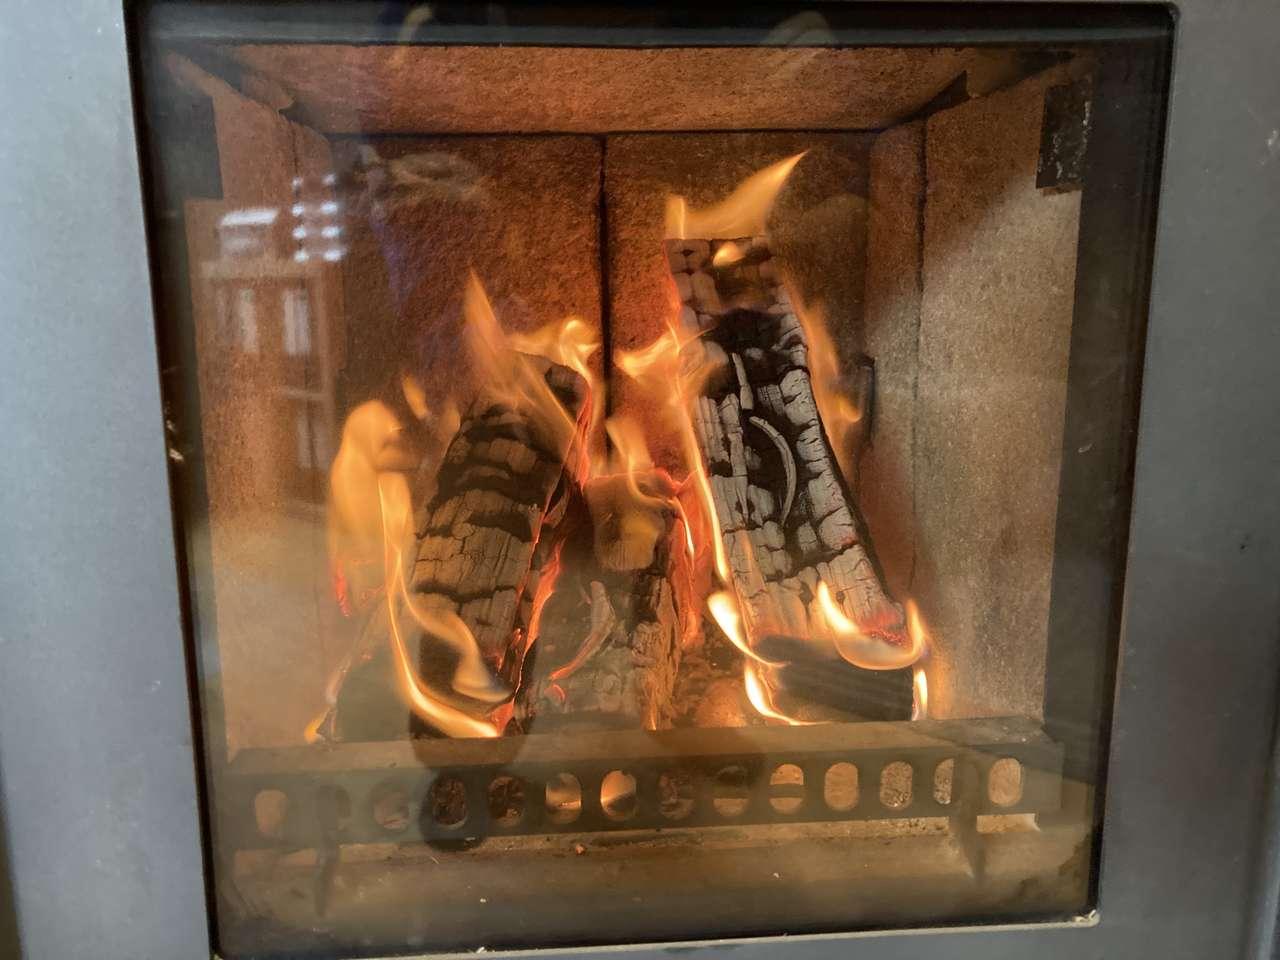 oheň v troubě - v troubě hoří oheň (12×9)